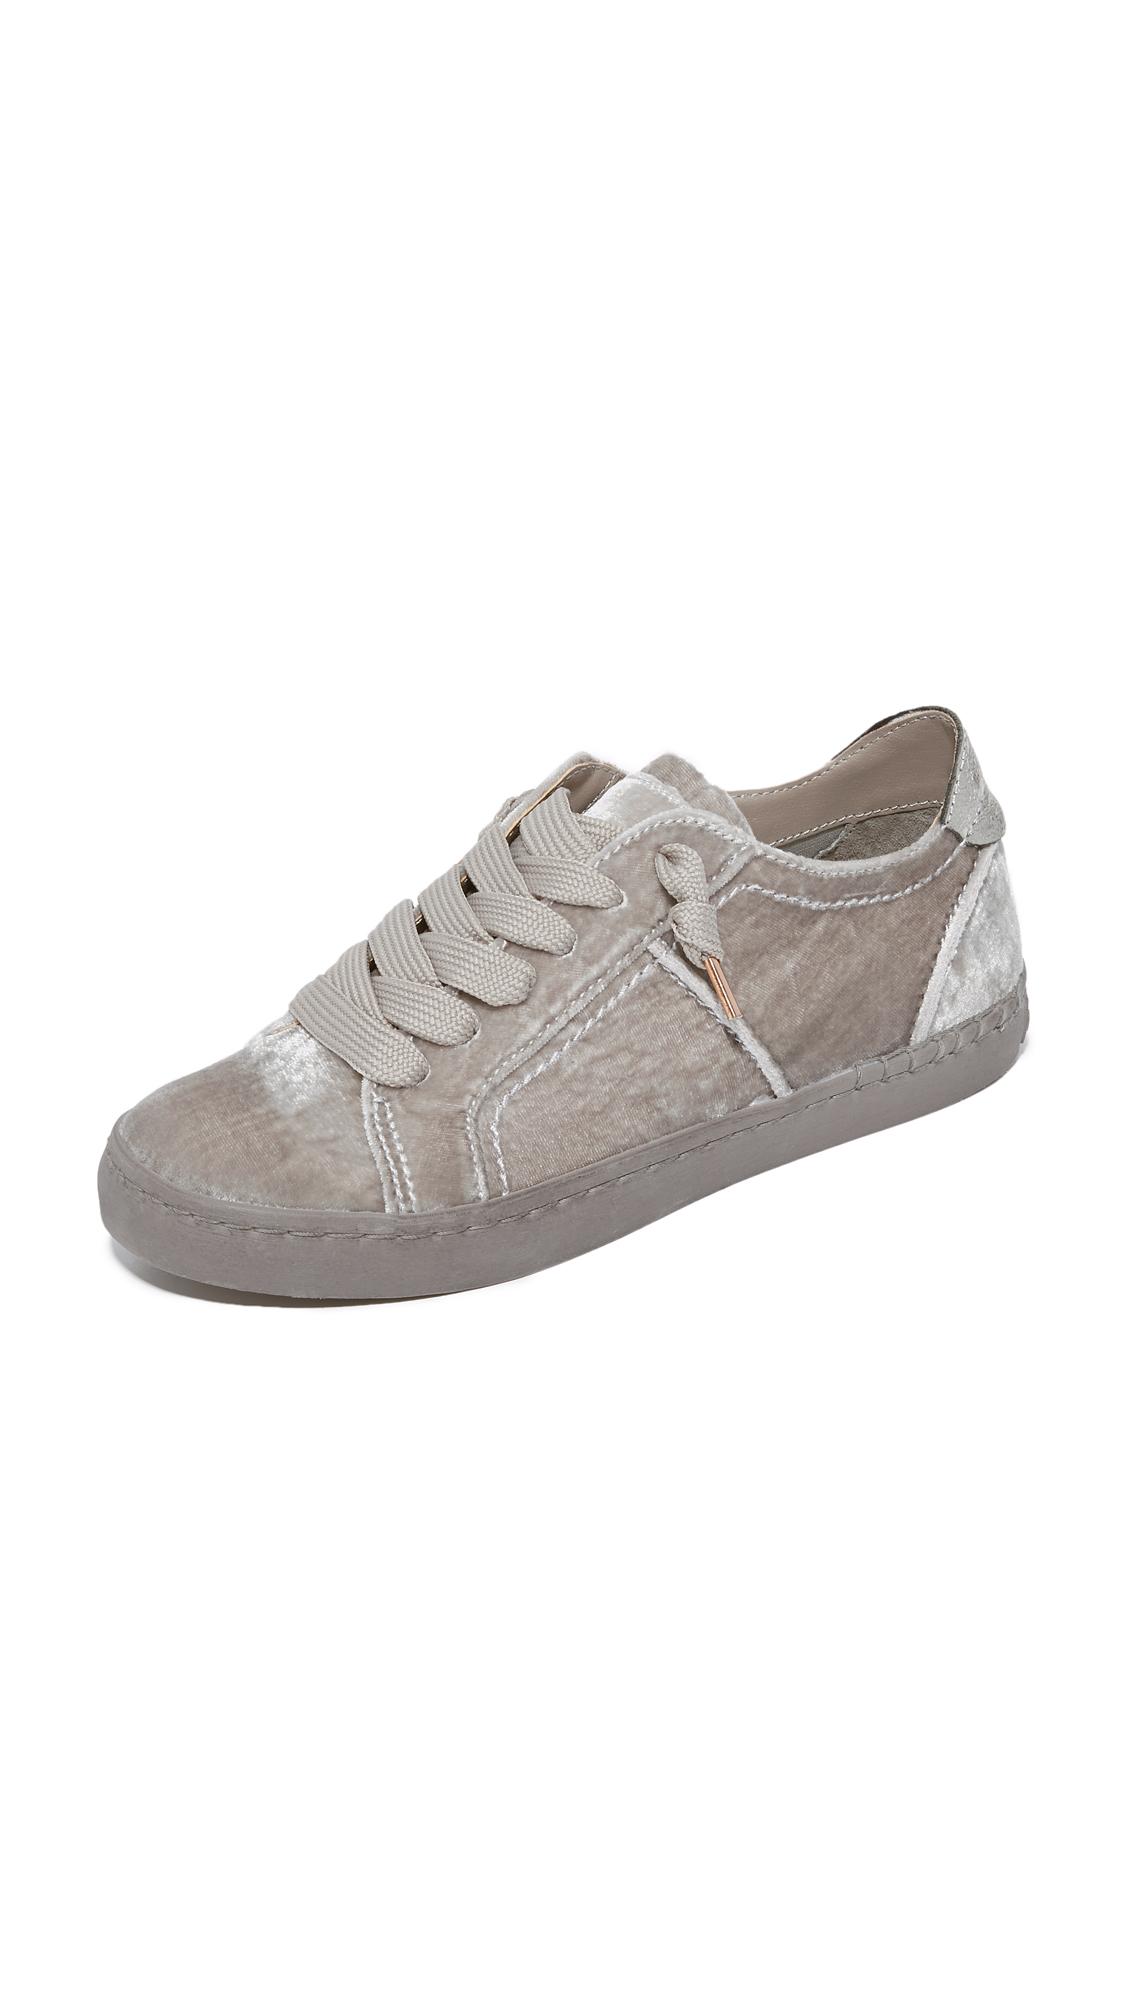 Dolce Vita Zalen Velvet Sneakers - Mink at Shopbop